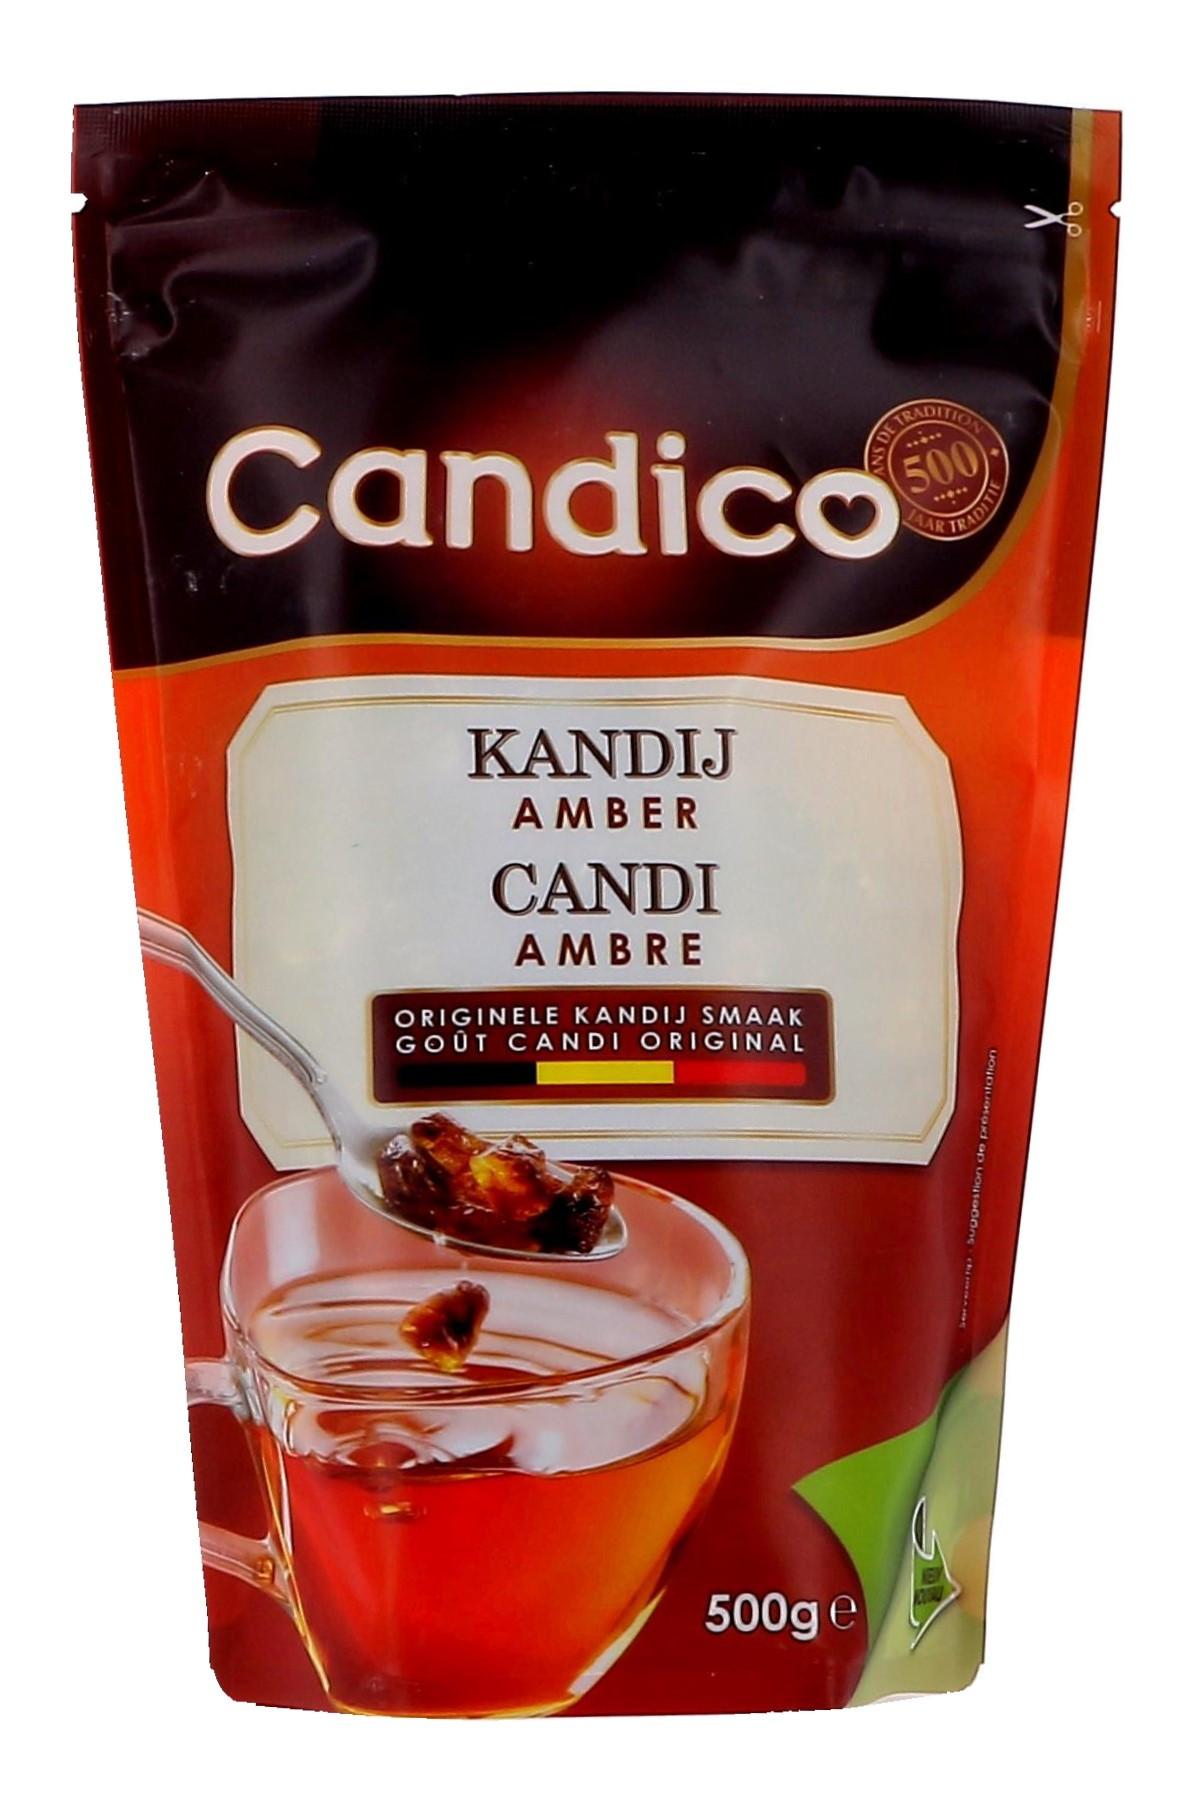 Kandijsuiker Amber 500gr Candico (Suiker)